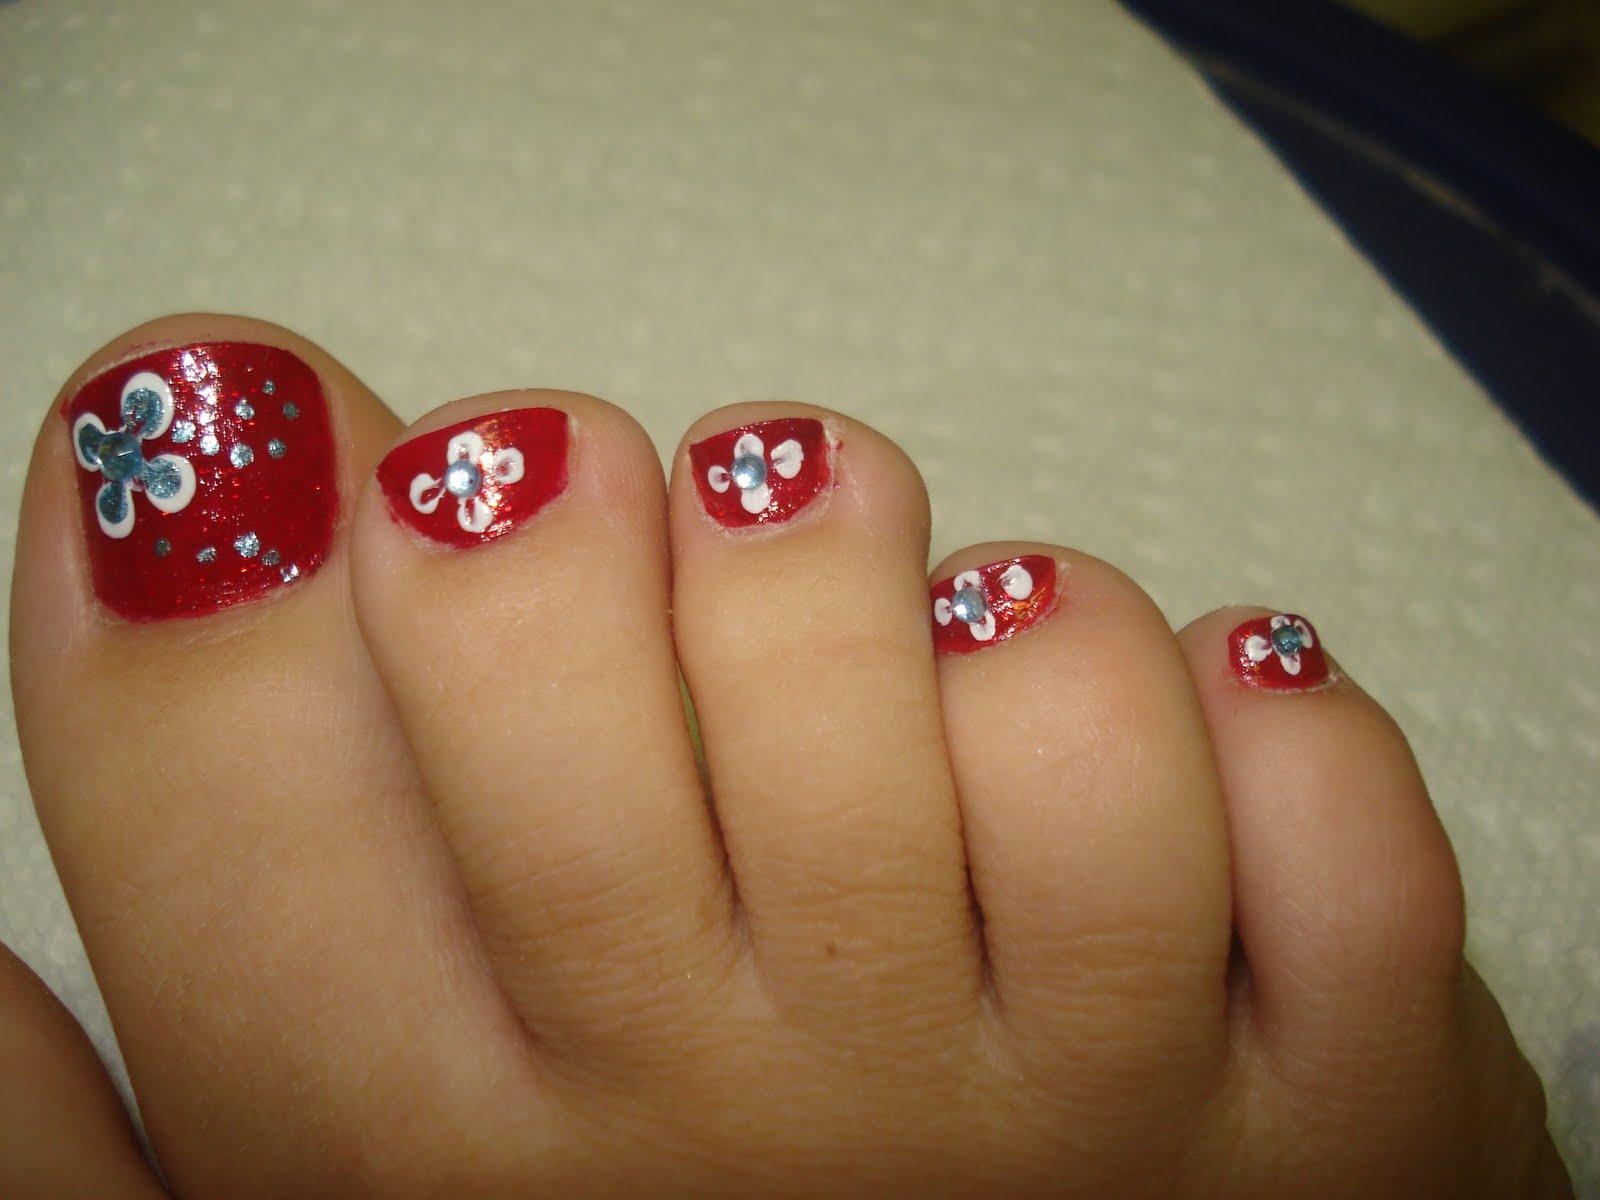 Decoraciones de uñas de gel - Decoración de uñas Nail Art